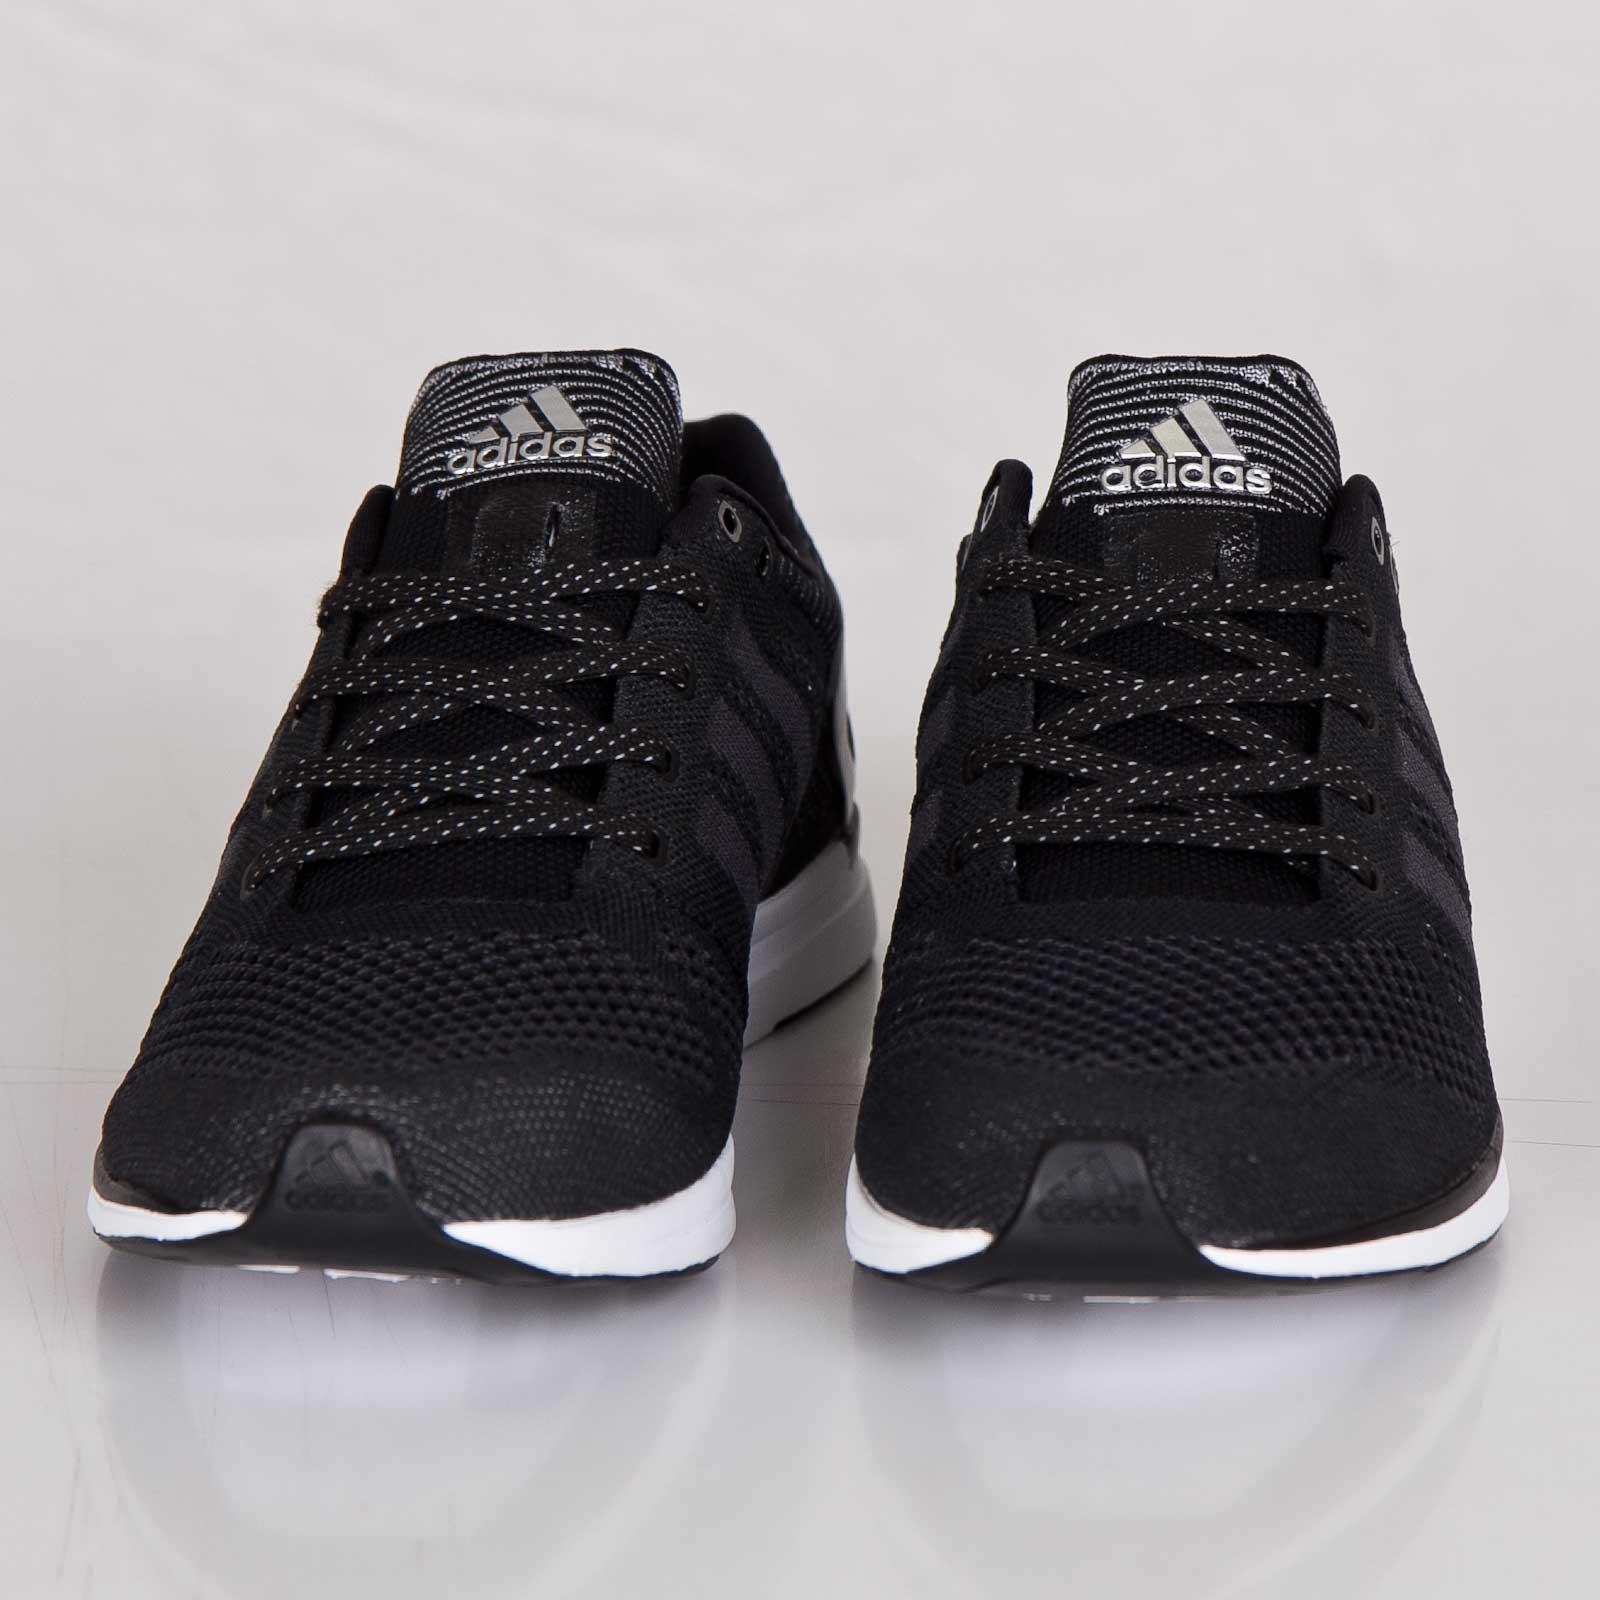 best authentic d6c30 ca68e adidas adizero feather prime M adidas adizero feather prime M ...